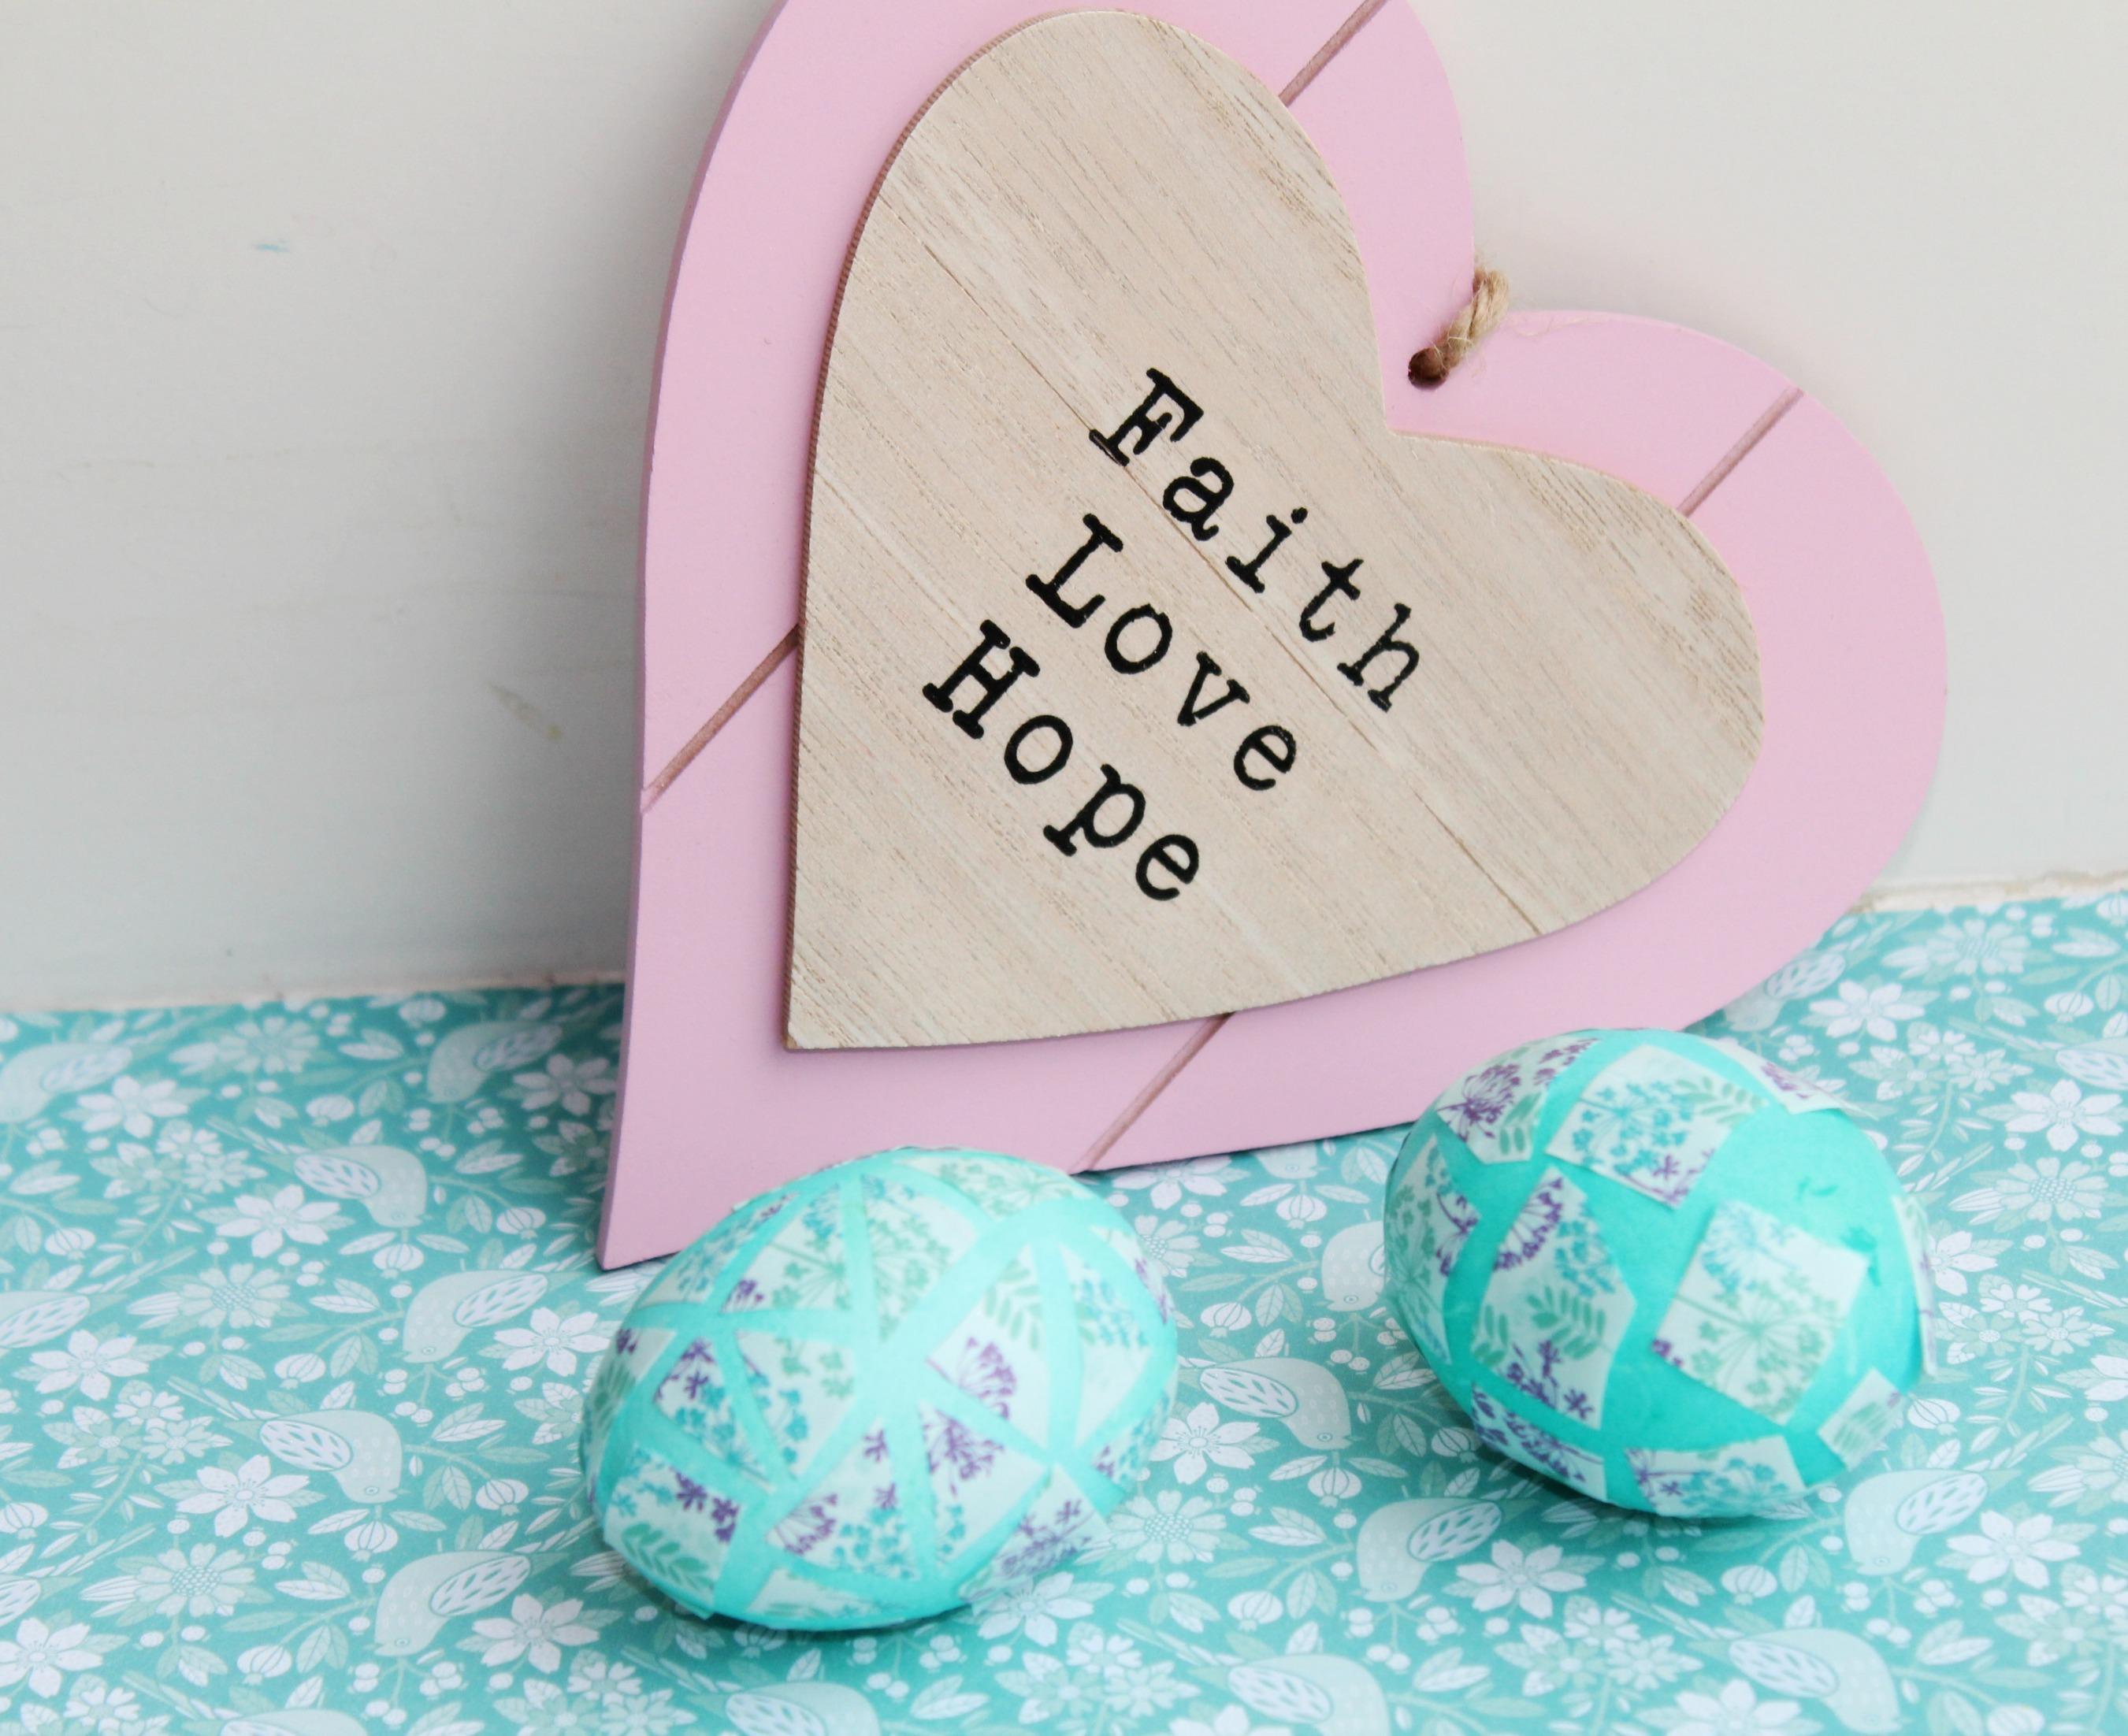 Paaseieren versieren met washi tape-GoodGirlsCompany-decorating easter eggs- paaseieren versieren met washi tape